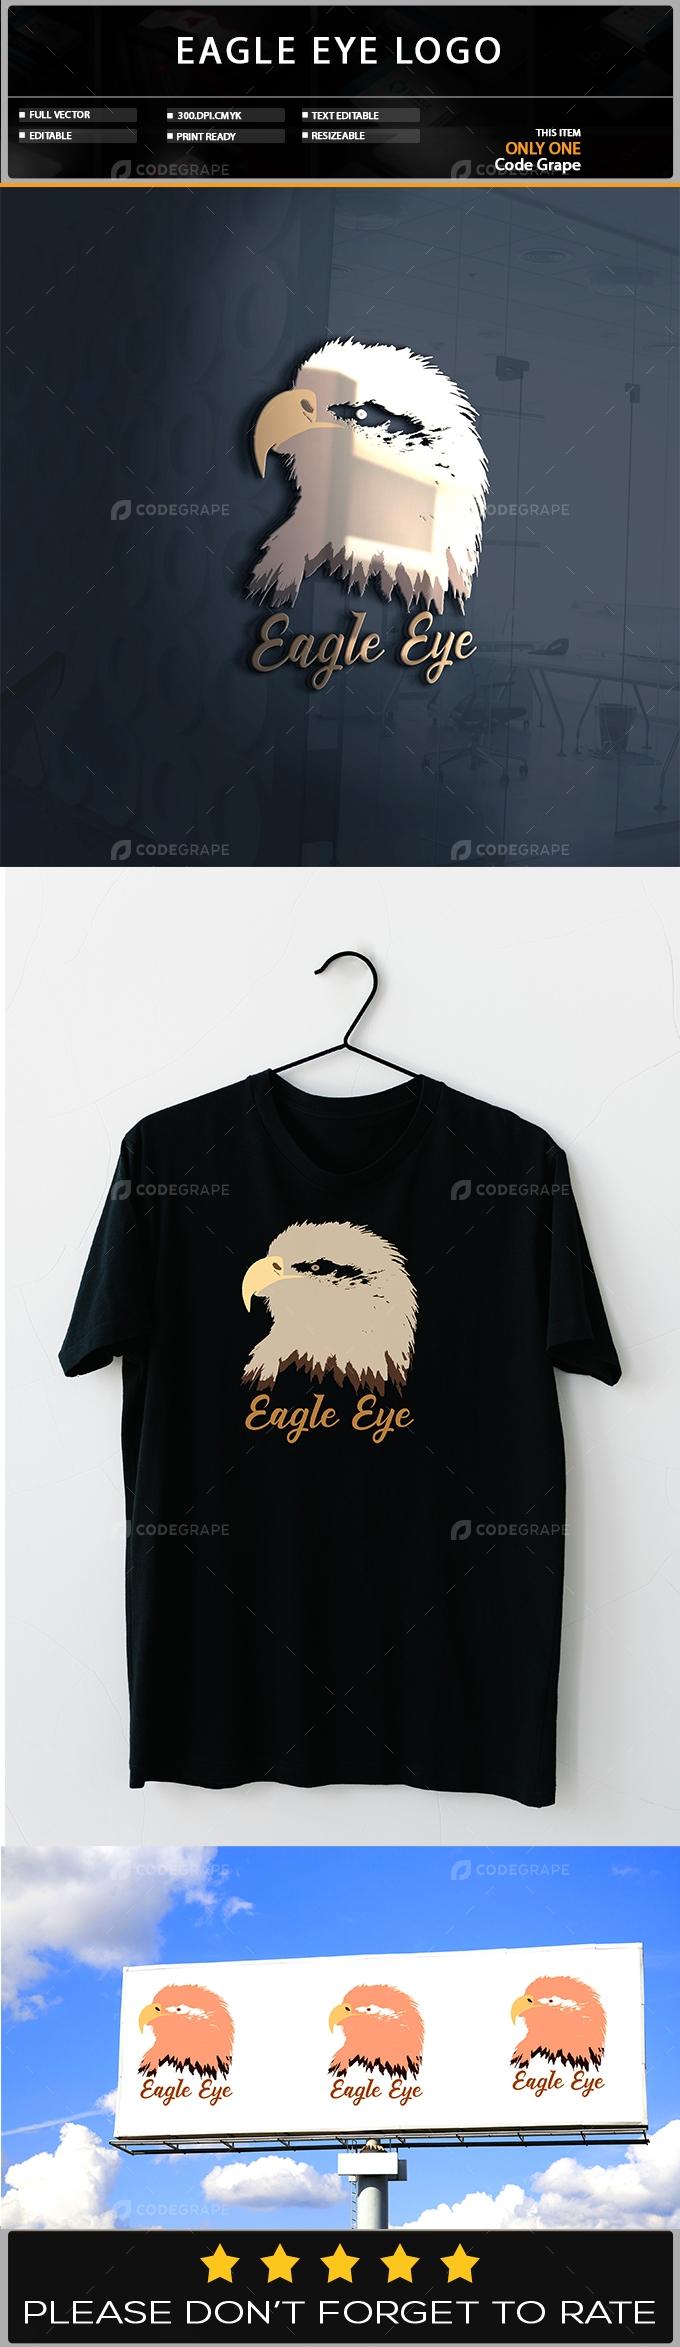 Eagle Eye Logo Design Template